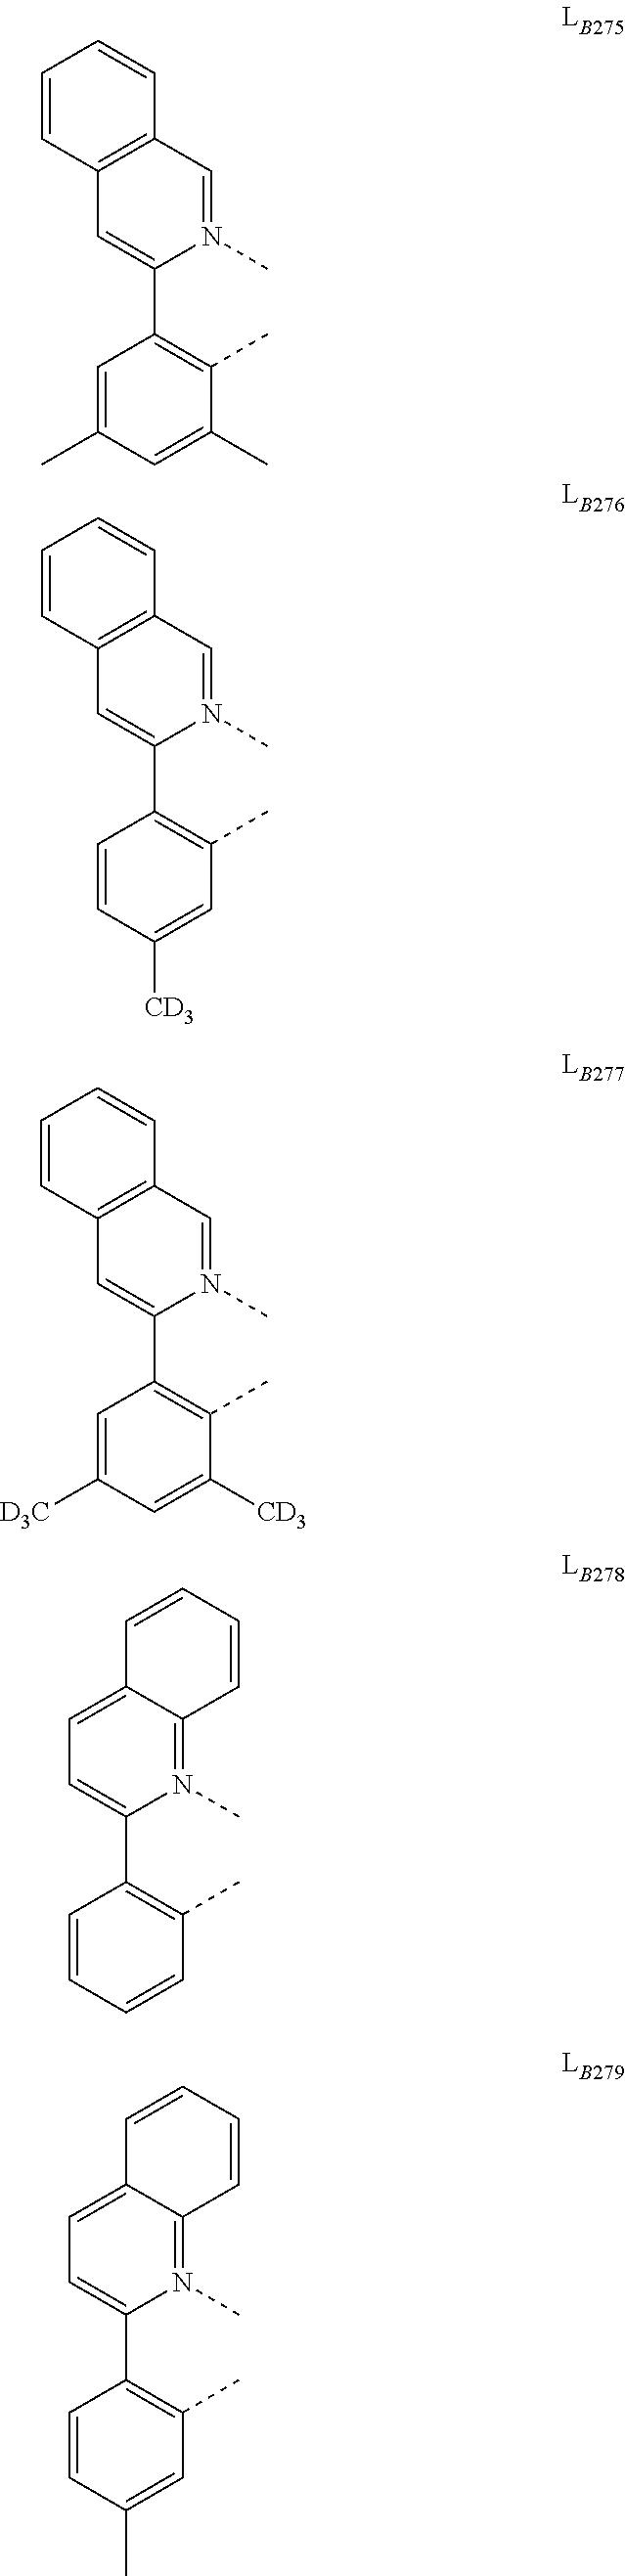 Figure US20180130962A1-20180510-C00122